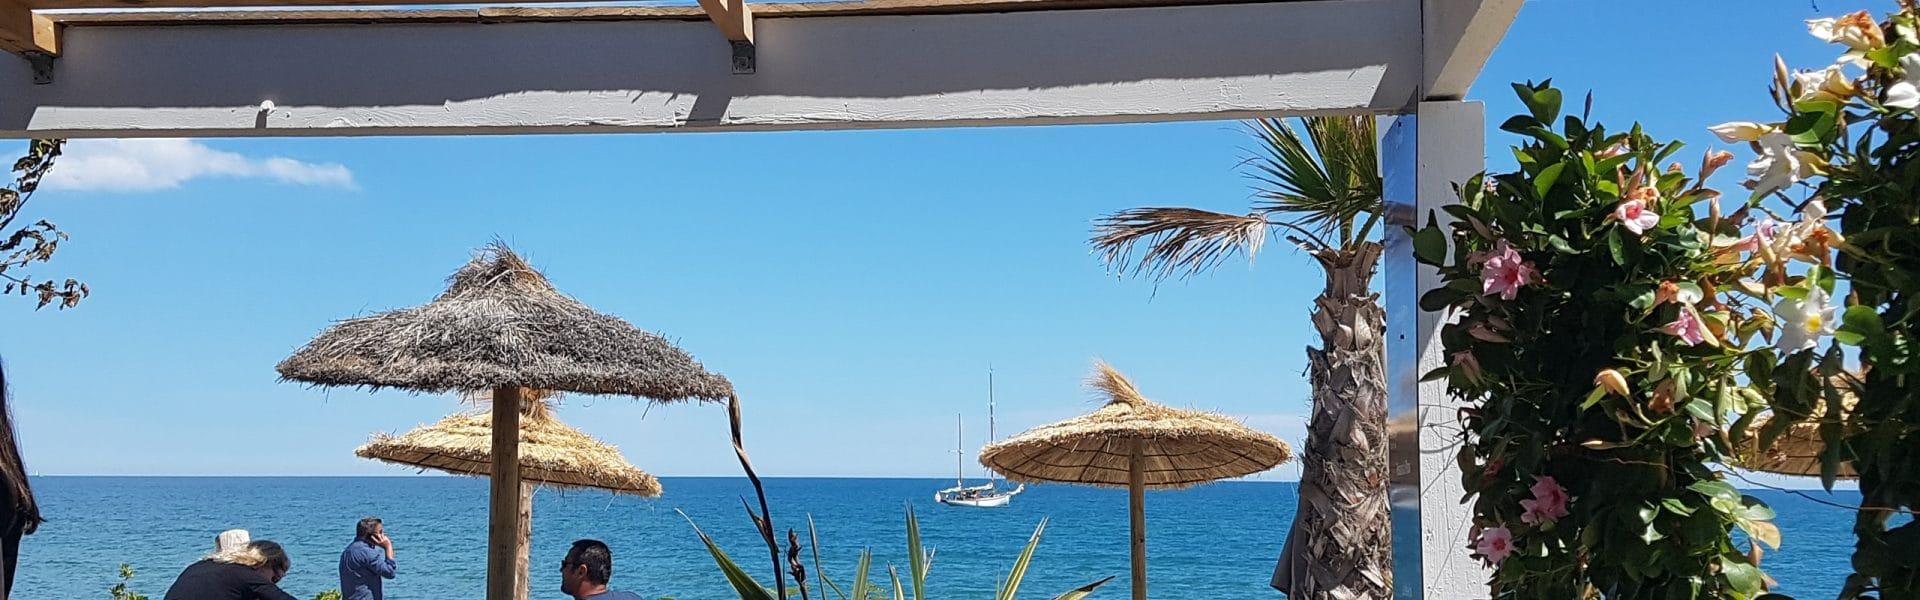 Détente-plage-paillote-OT-Torreilles-©-C.-Esparrac